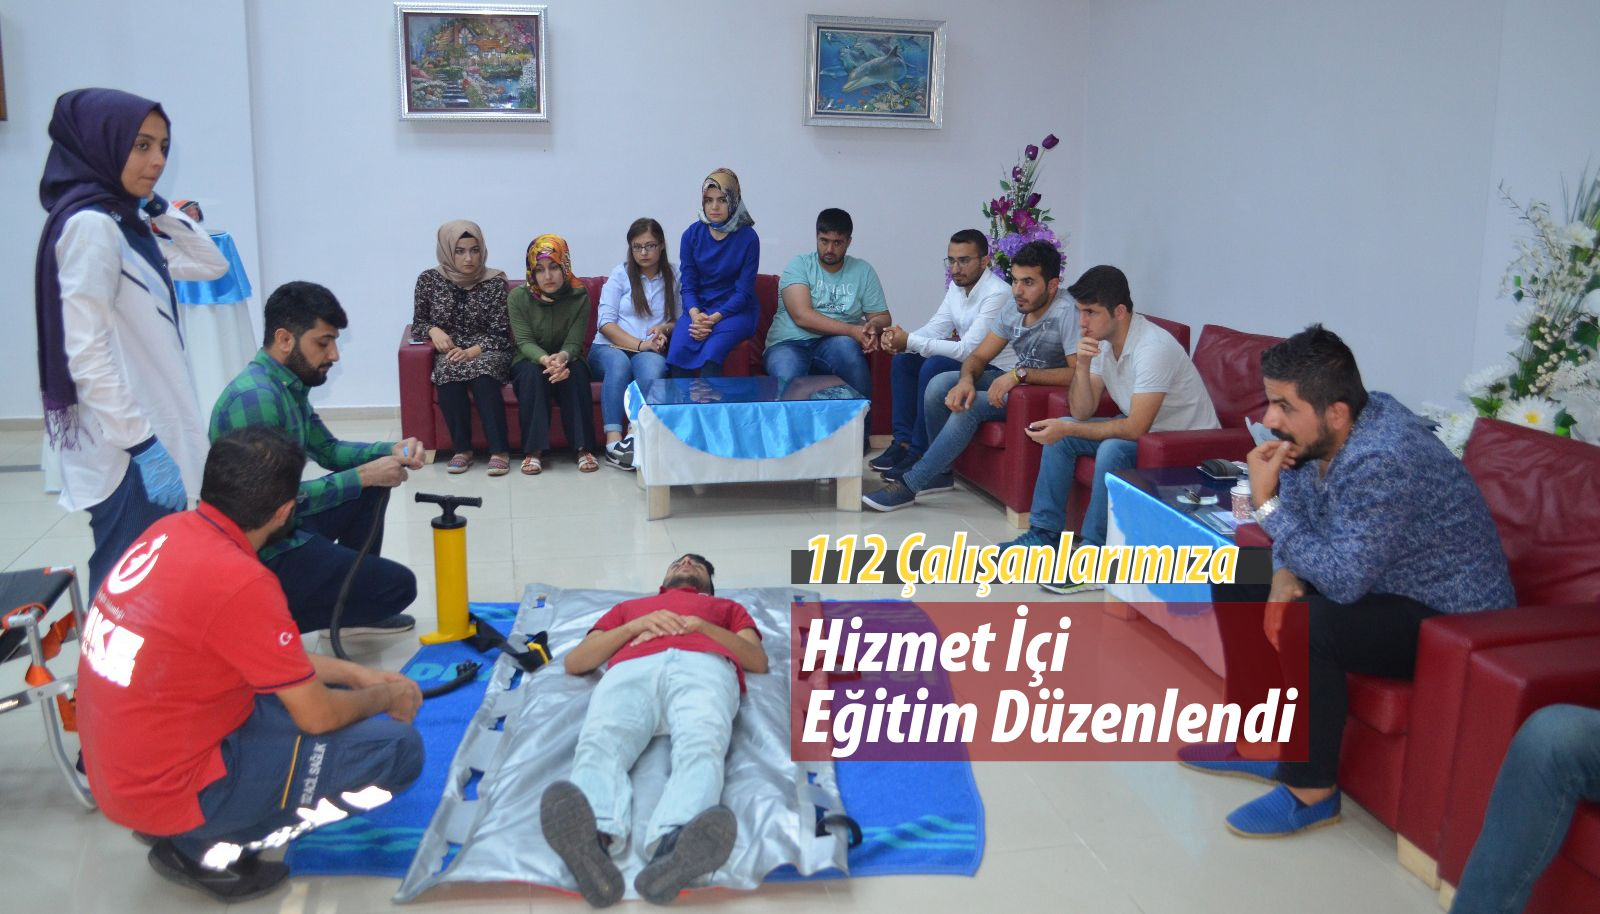 Kapak_112 Calisanlarimiza Hizmet İci Egitim Düzenlendi.jpg